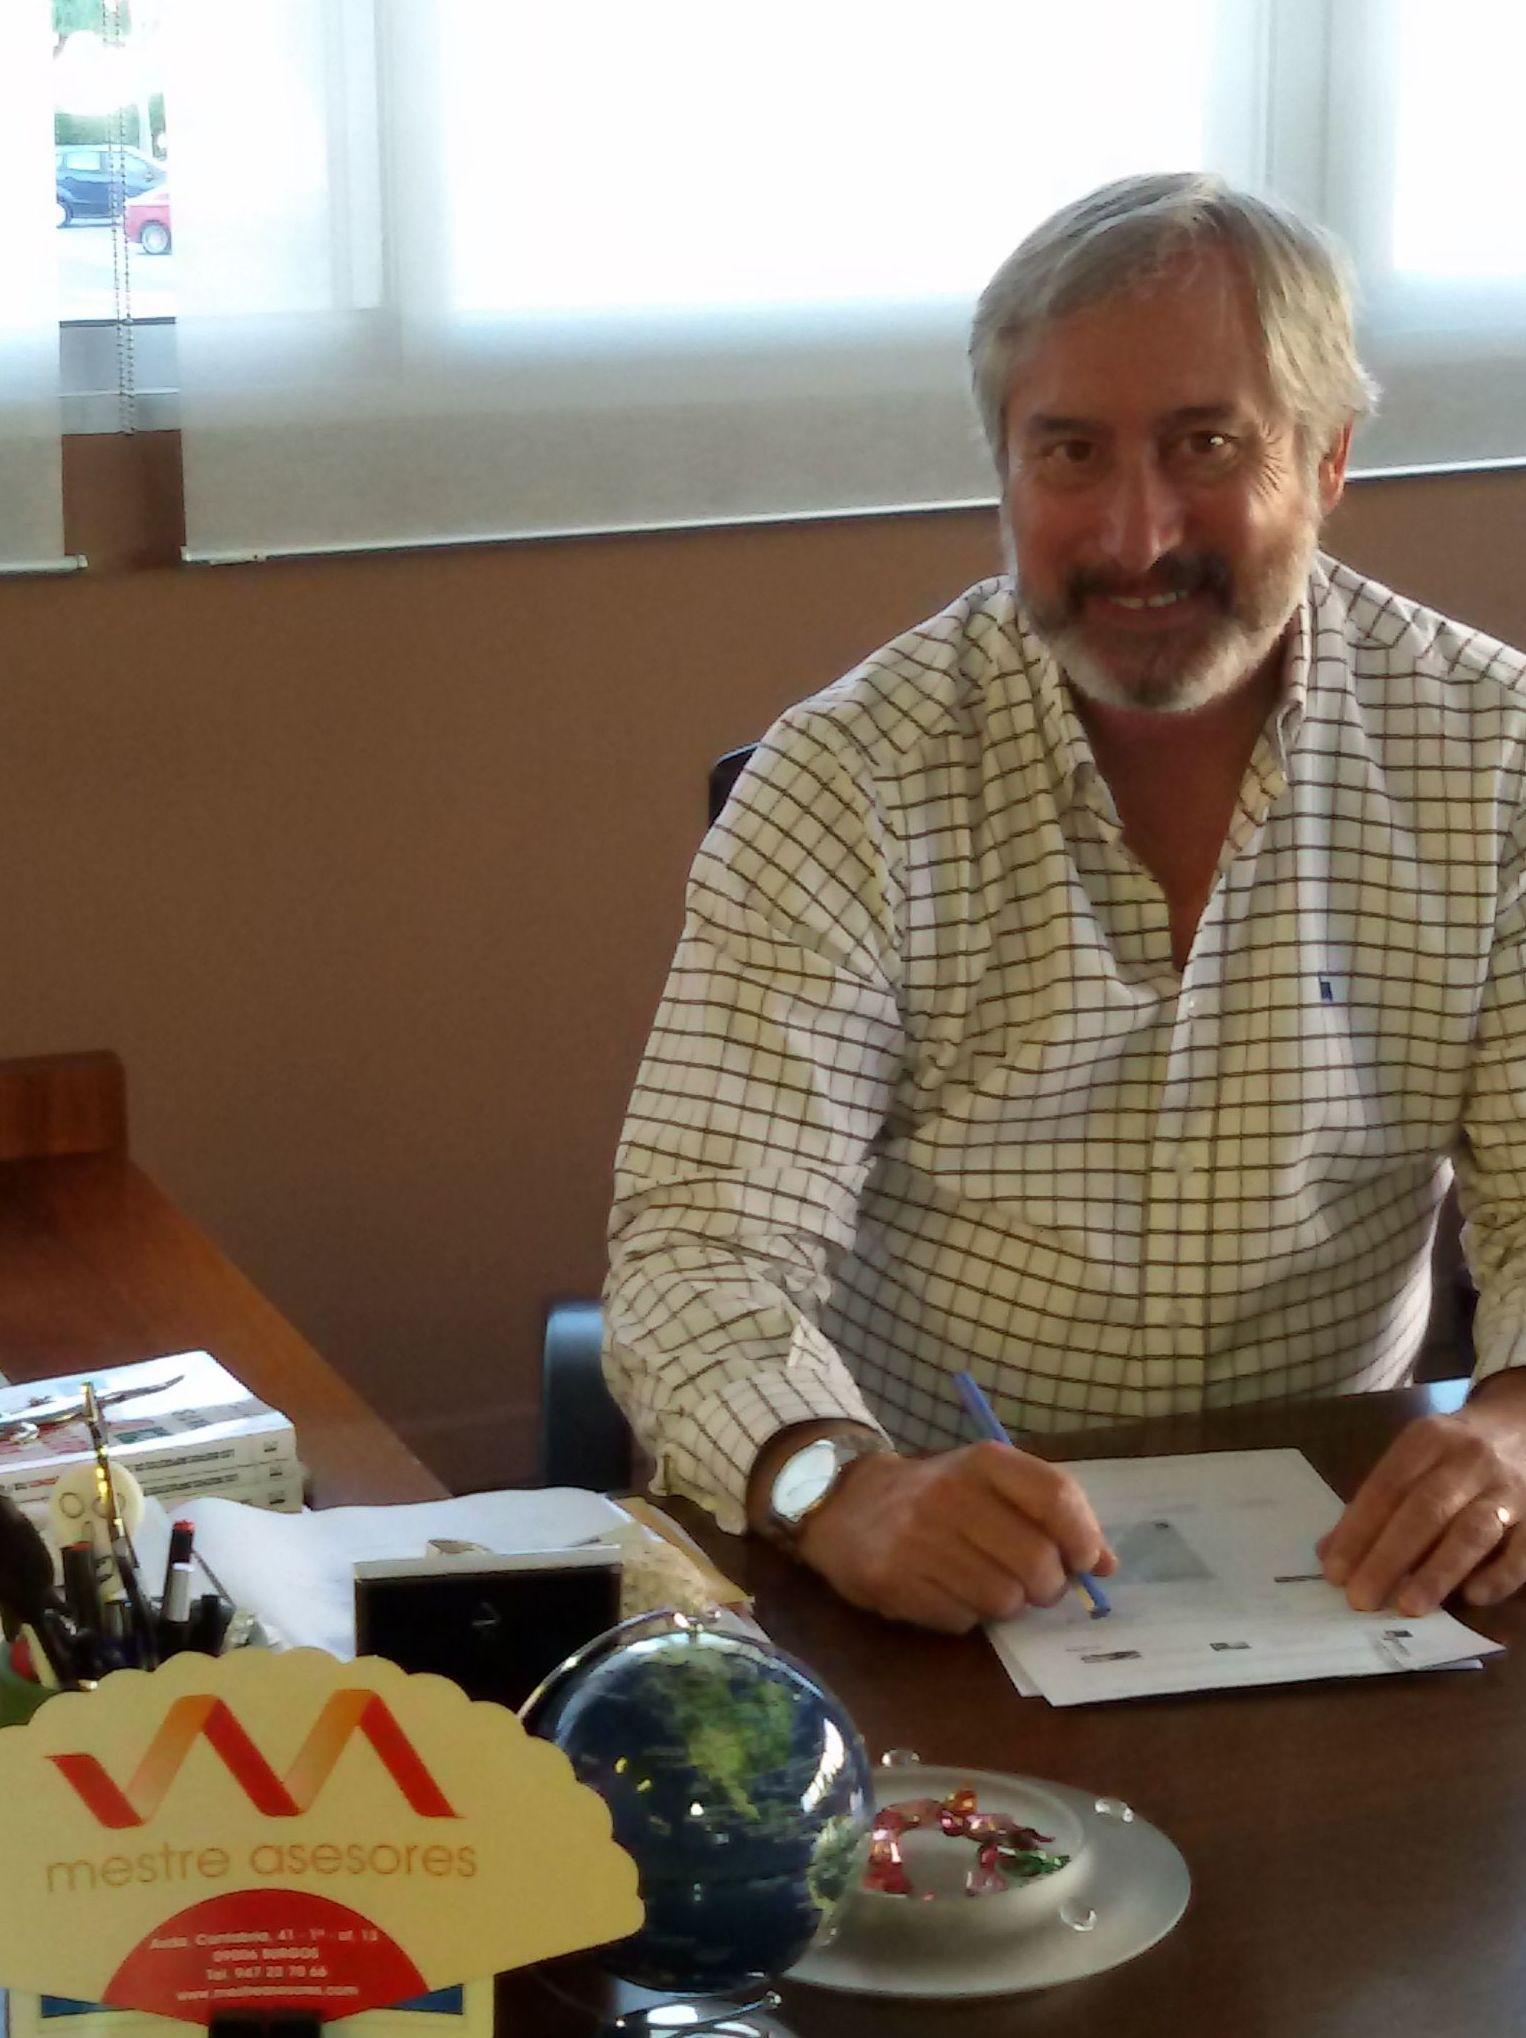 Mestre Asesores,publicación en la cara amiga del Gente Burgos el 11/11/2016